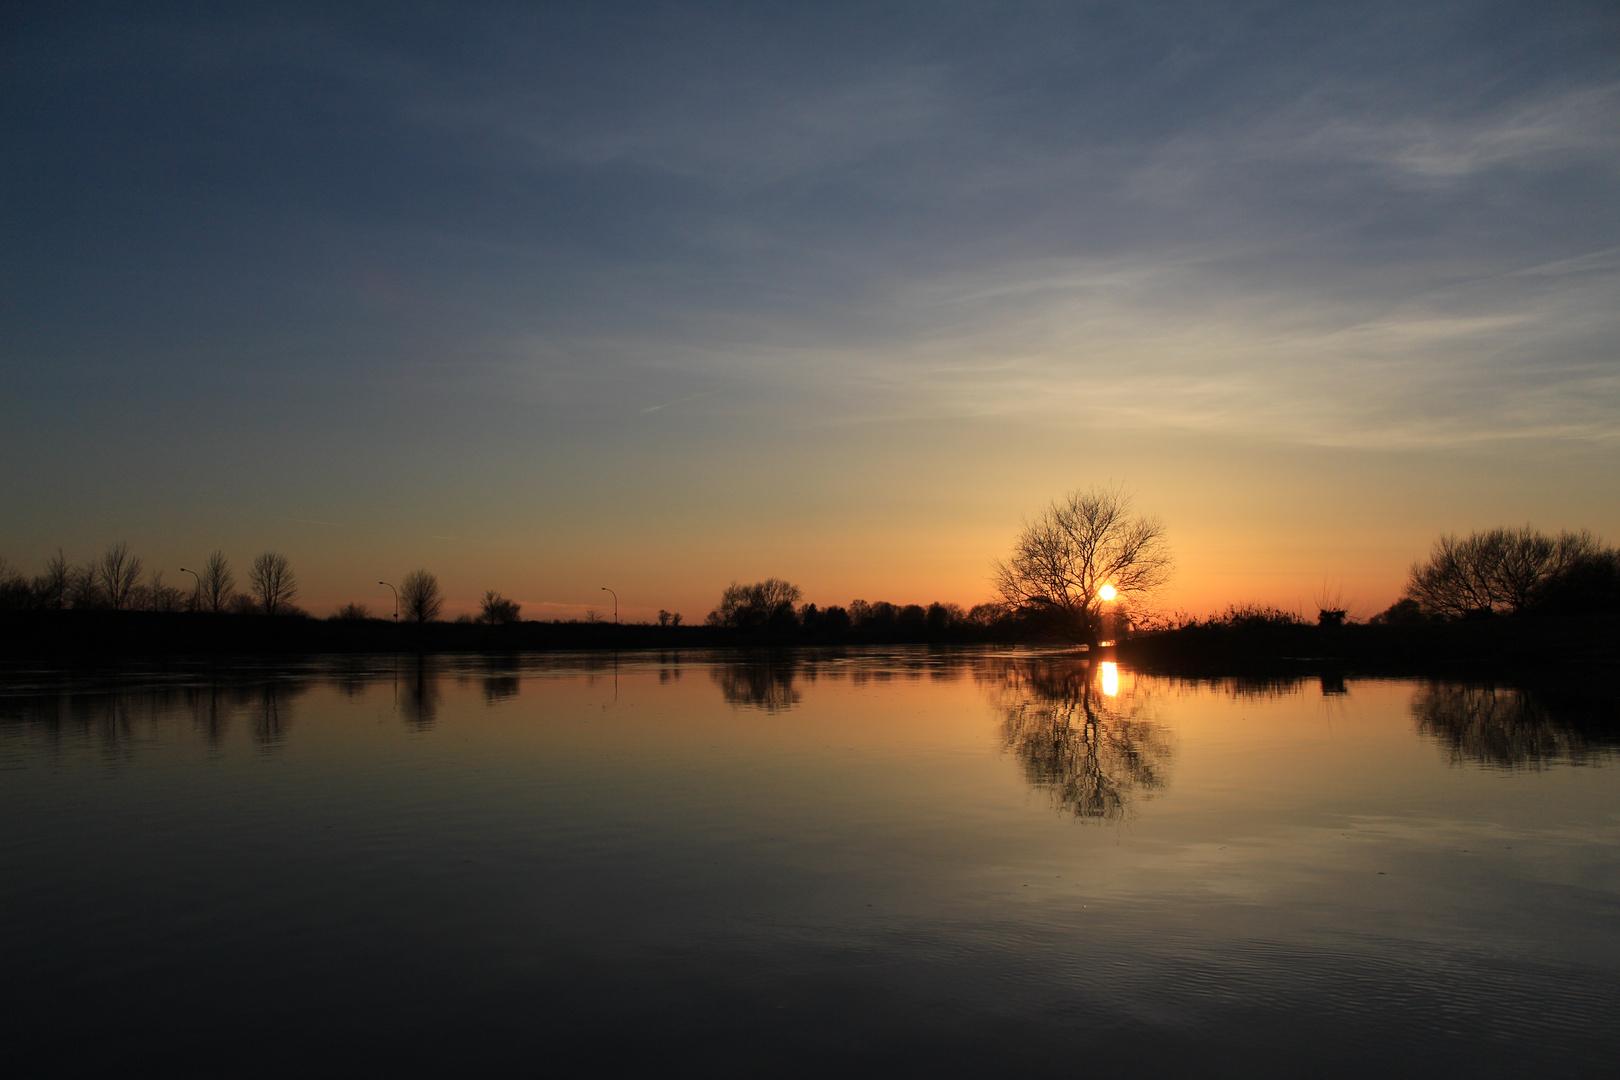 Der Sonnenuntergang an der Weser